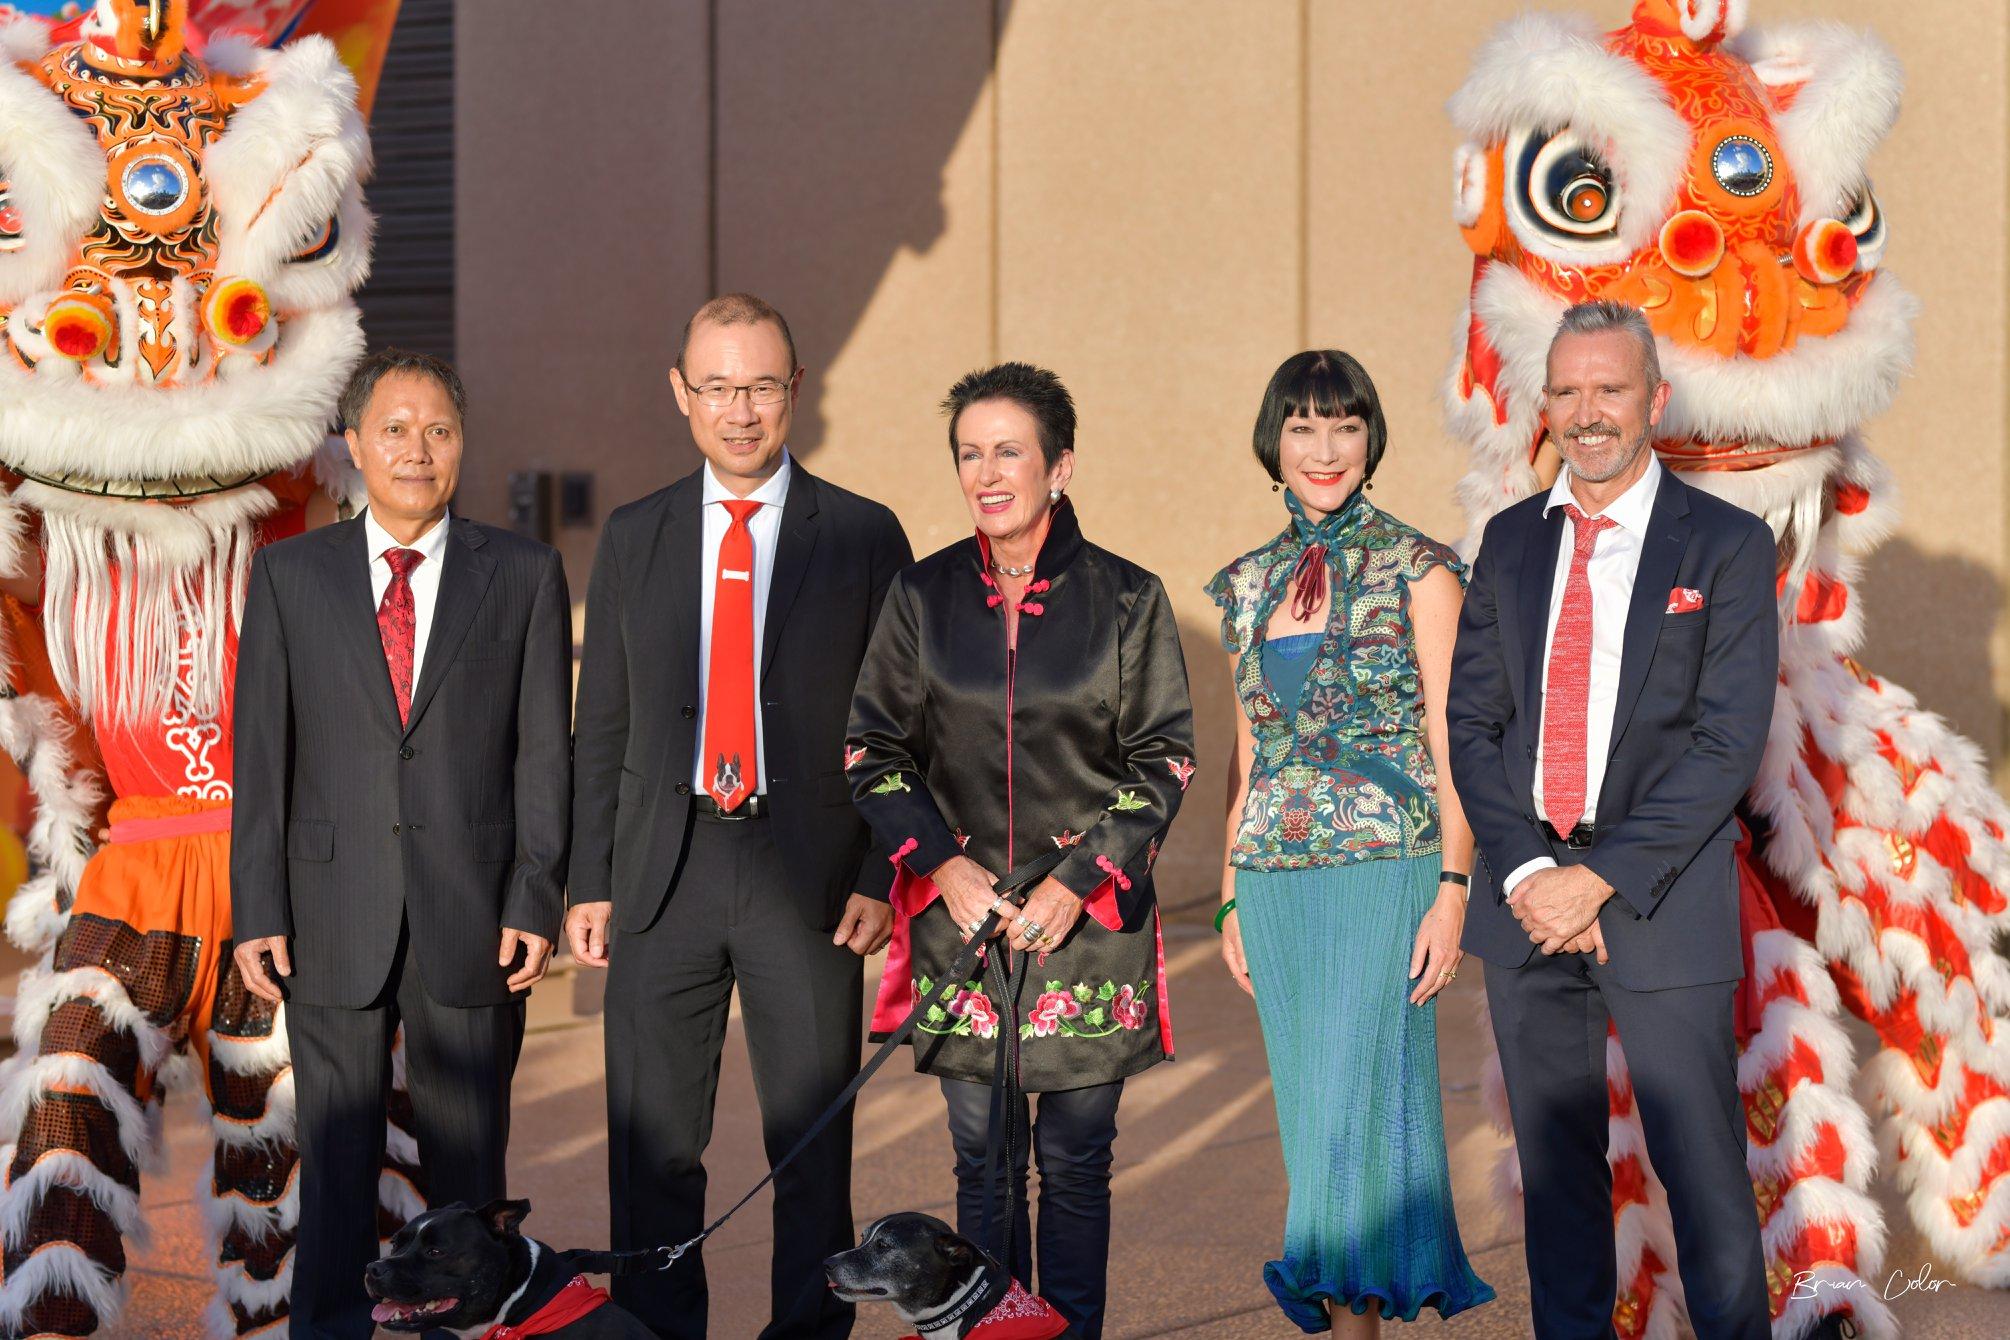 44 - Trải nghiệm lễ hội Tết Âm lịch cho người Việt tại trung tâm Thành phố Sydney